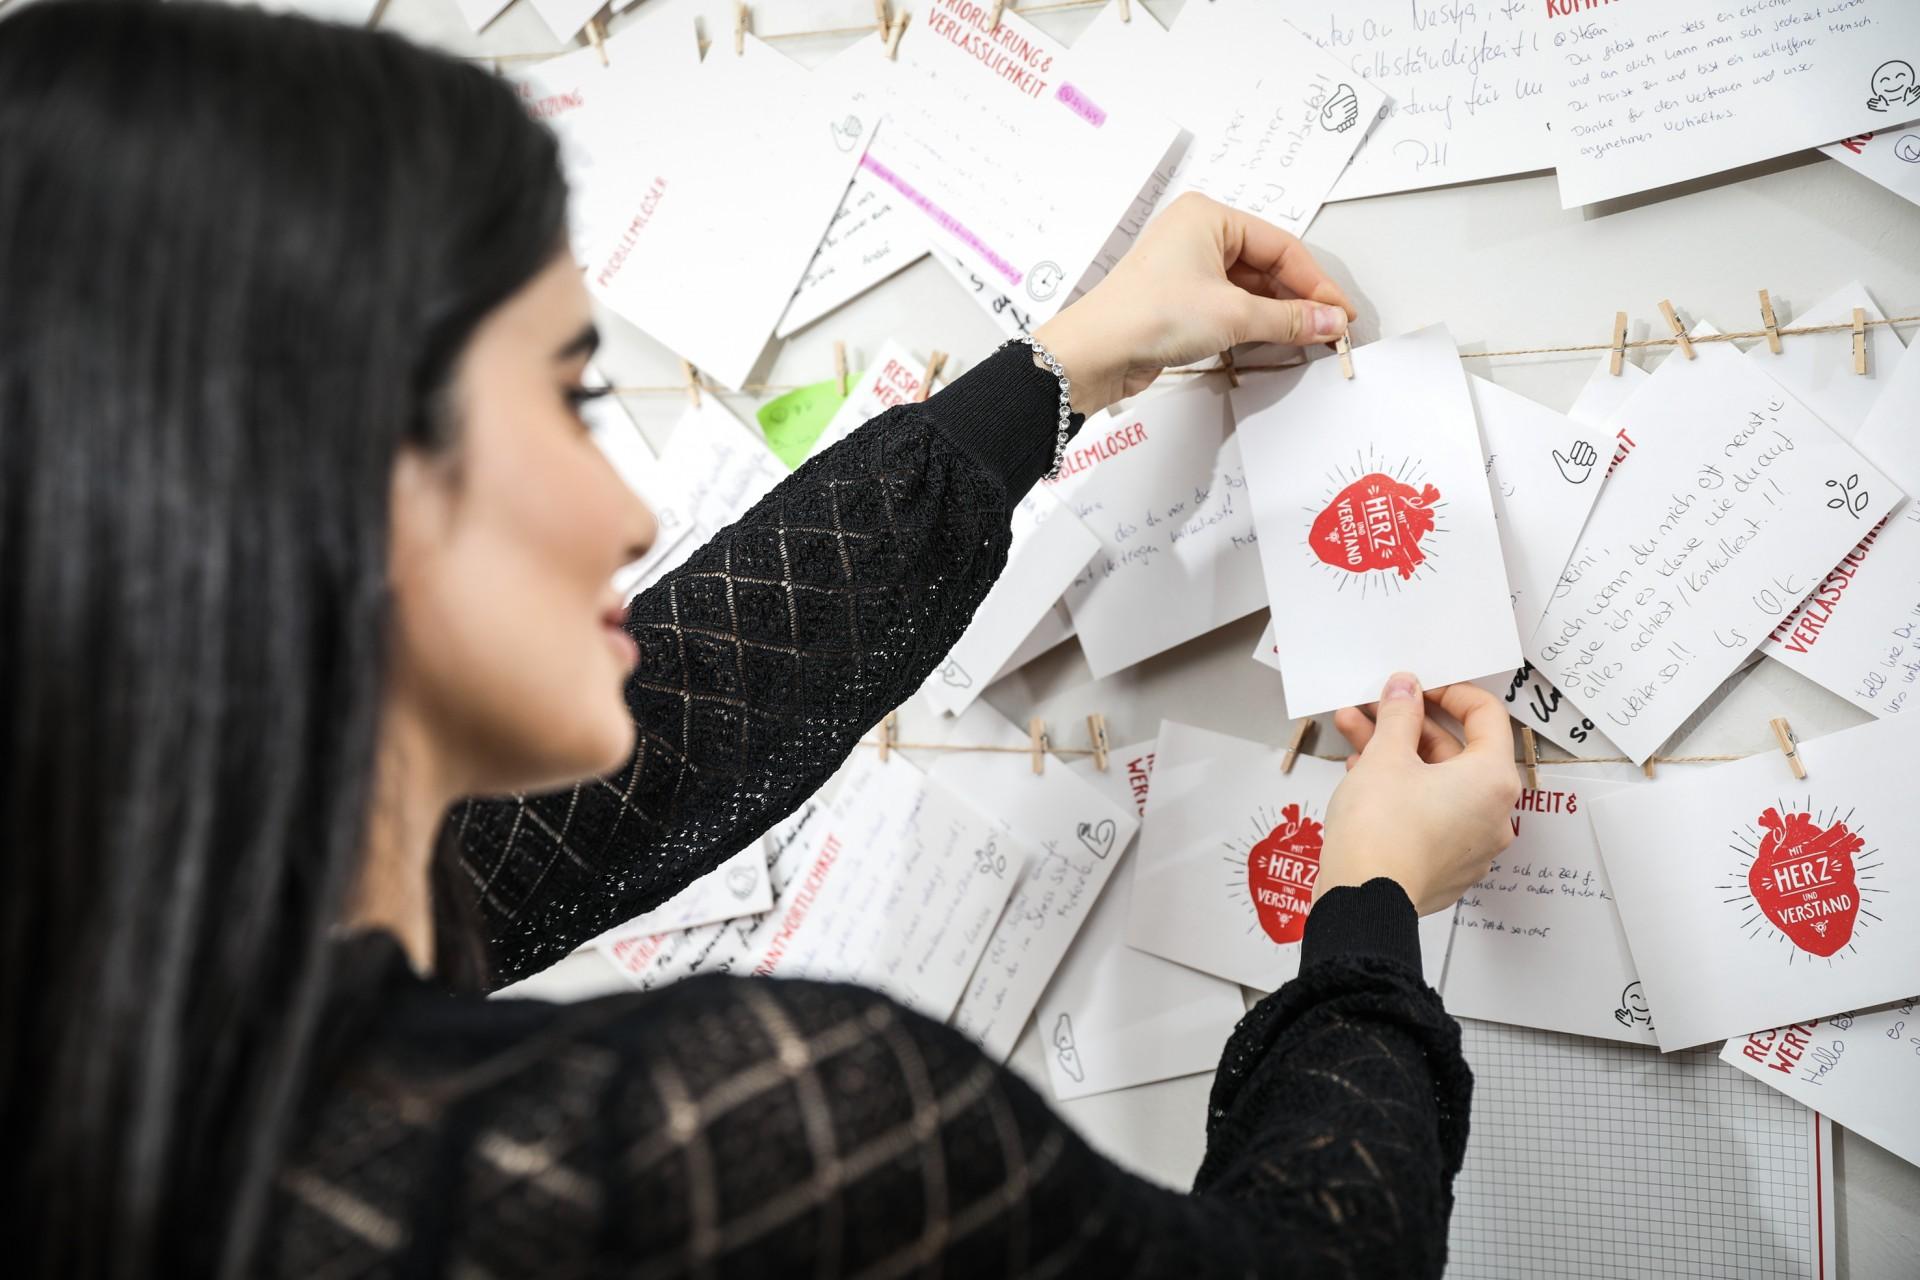 Tradtionsbetrieb mit Start-up-Mentalität, Mitarbeiterin hängt Zettel an die Lobleine